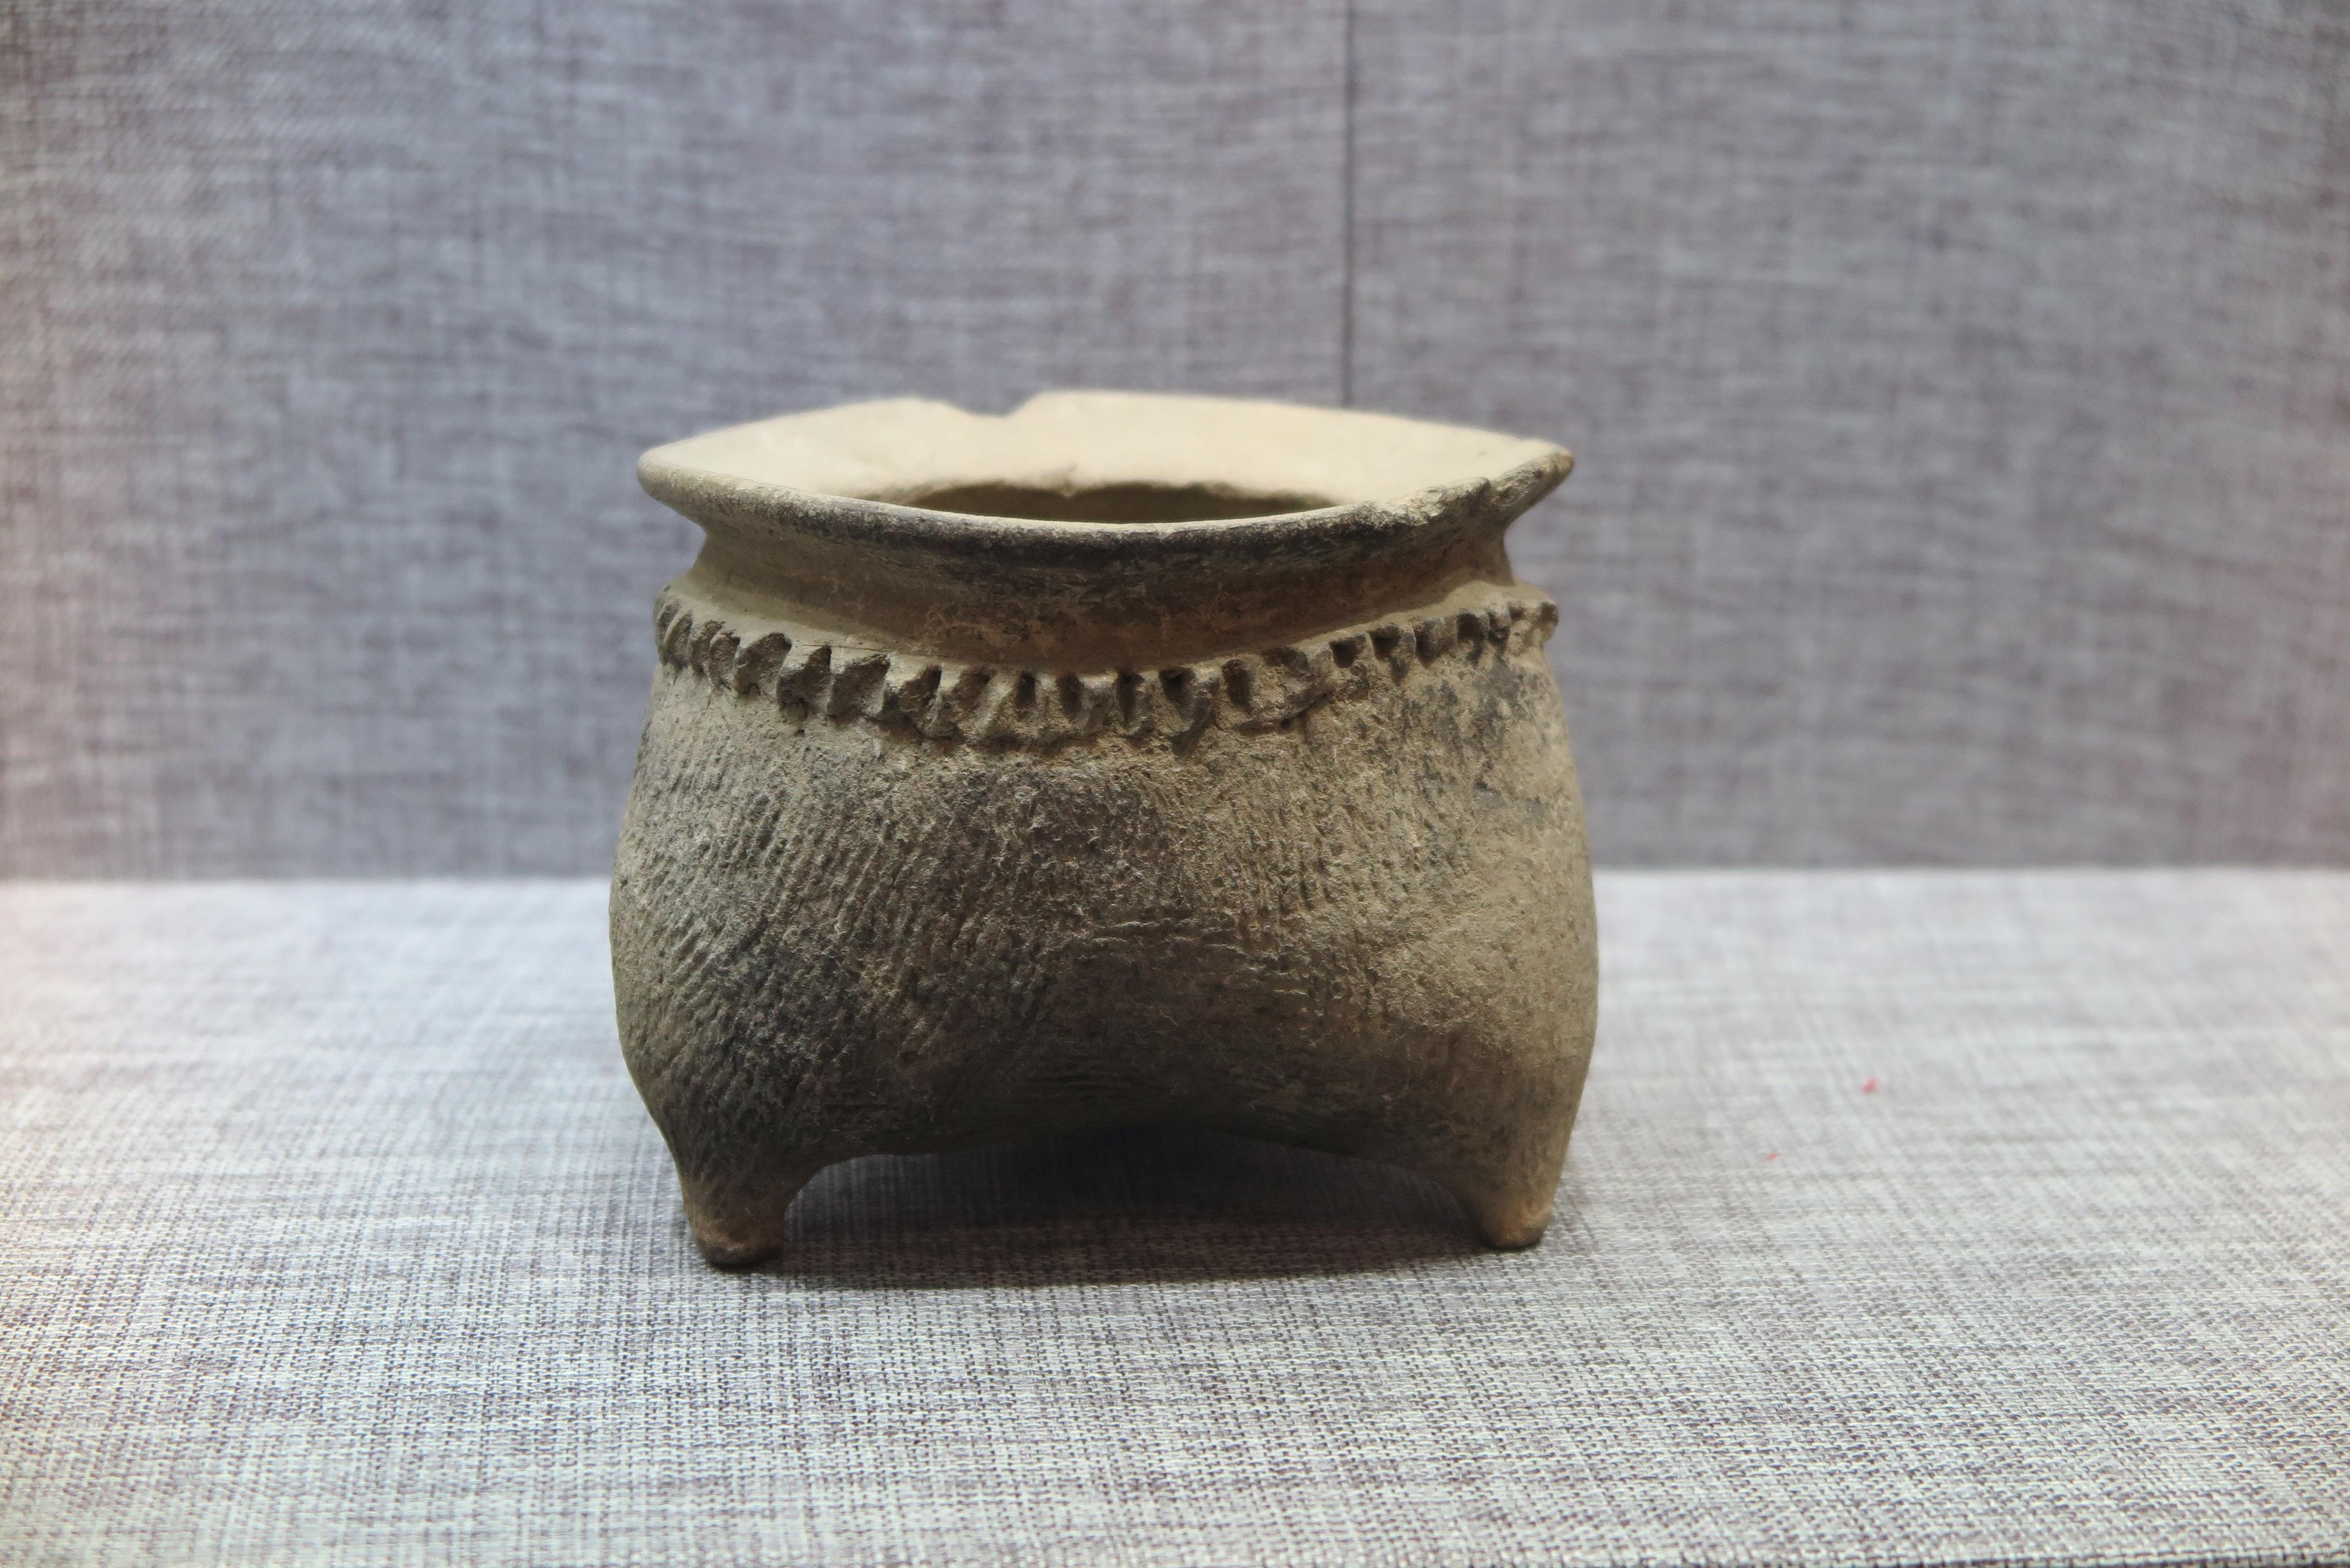 绳纹陶鬲--中国远古文明的活化石